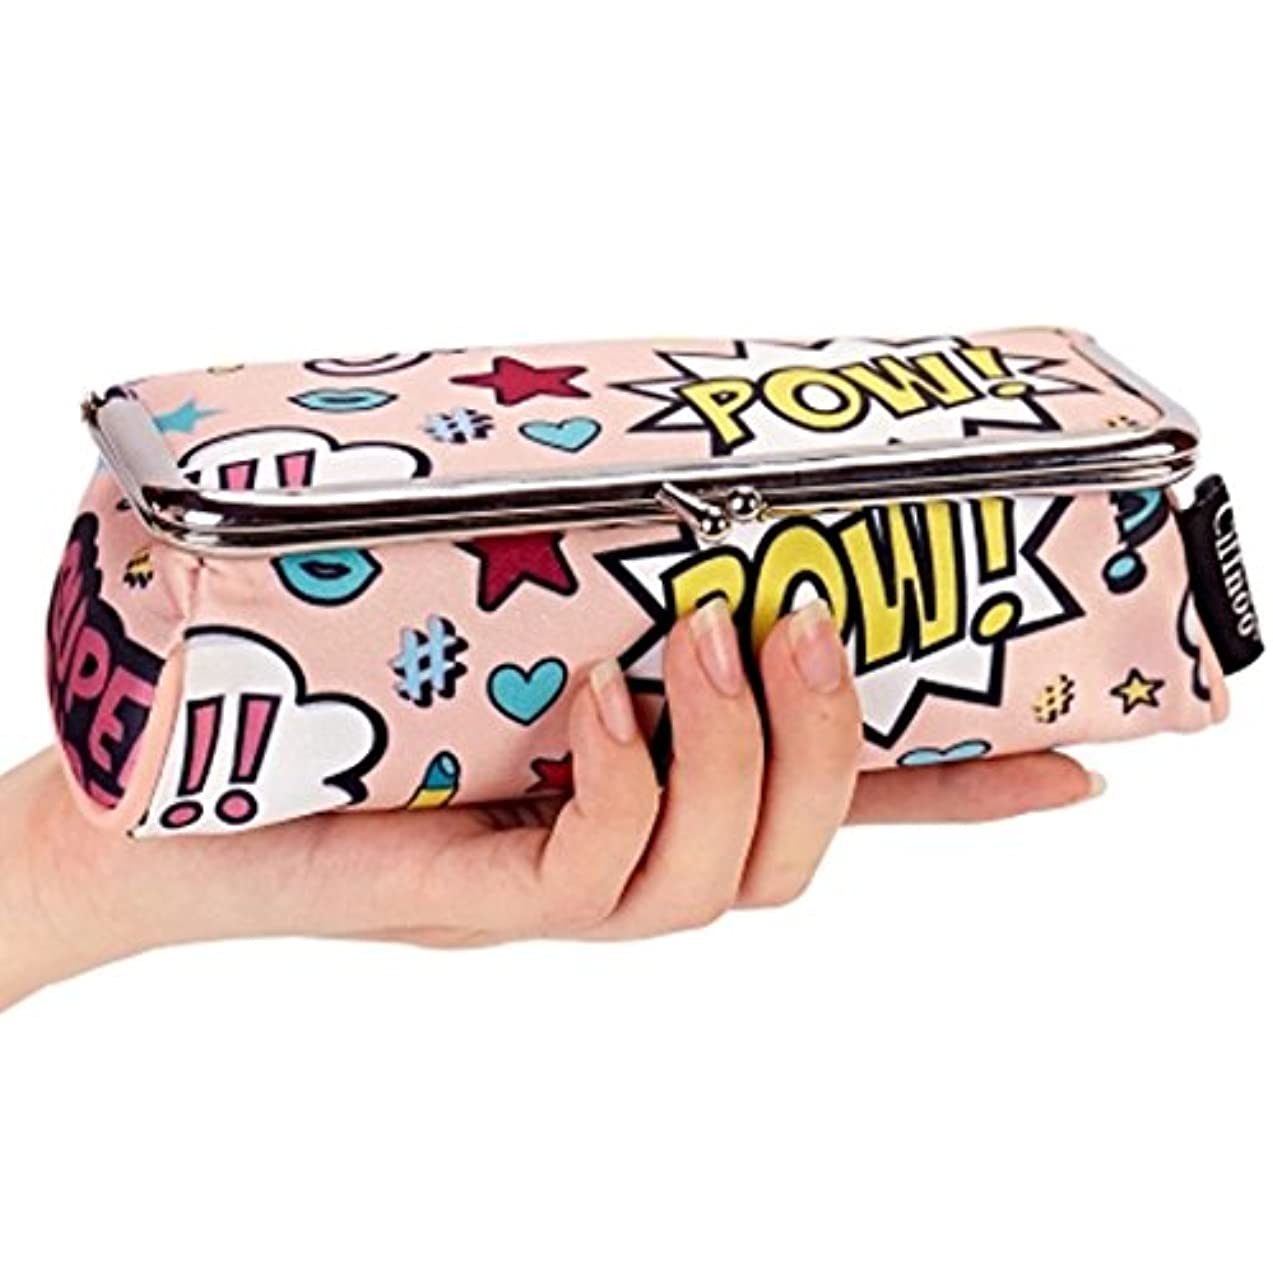 悲鳴ビル奇妙な化粧ポーチ かわいい がま口 ポーチ メイクポーチ ファッション レディース (ピンク)